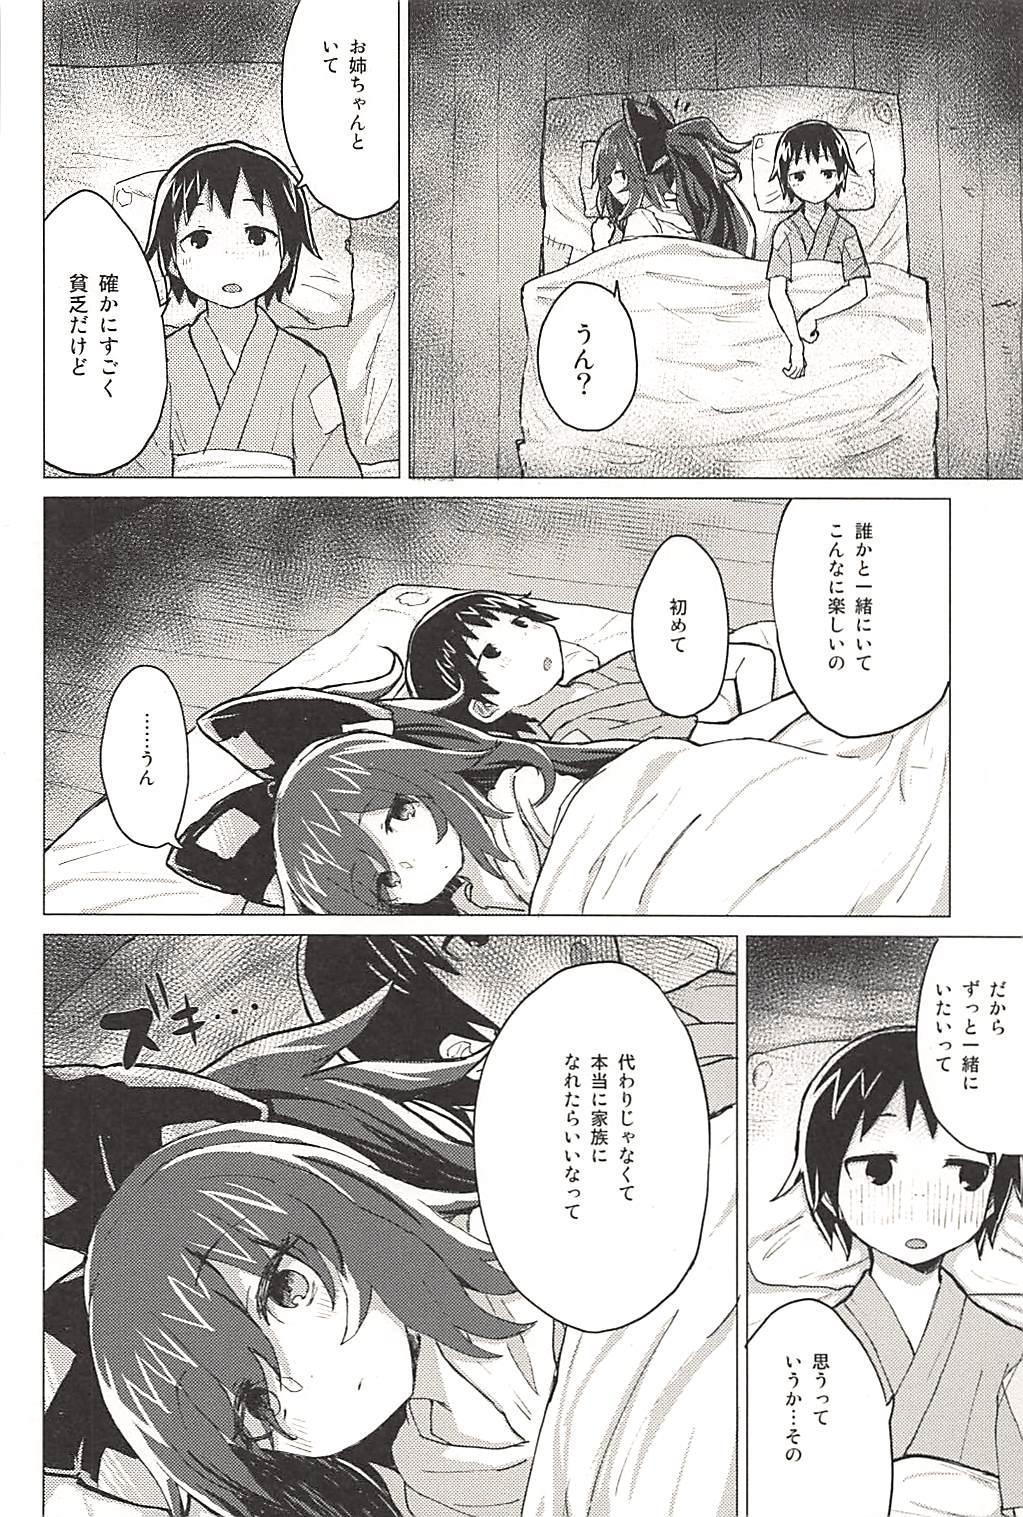 Shion Onee-chan to Kazoku ni Naru Hon 12